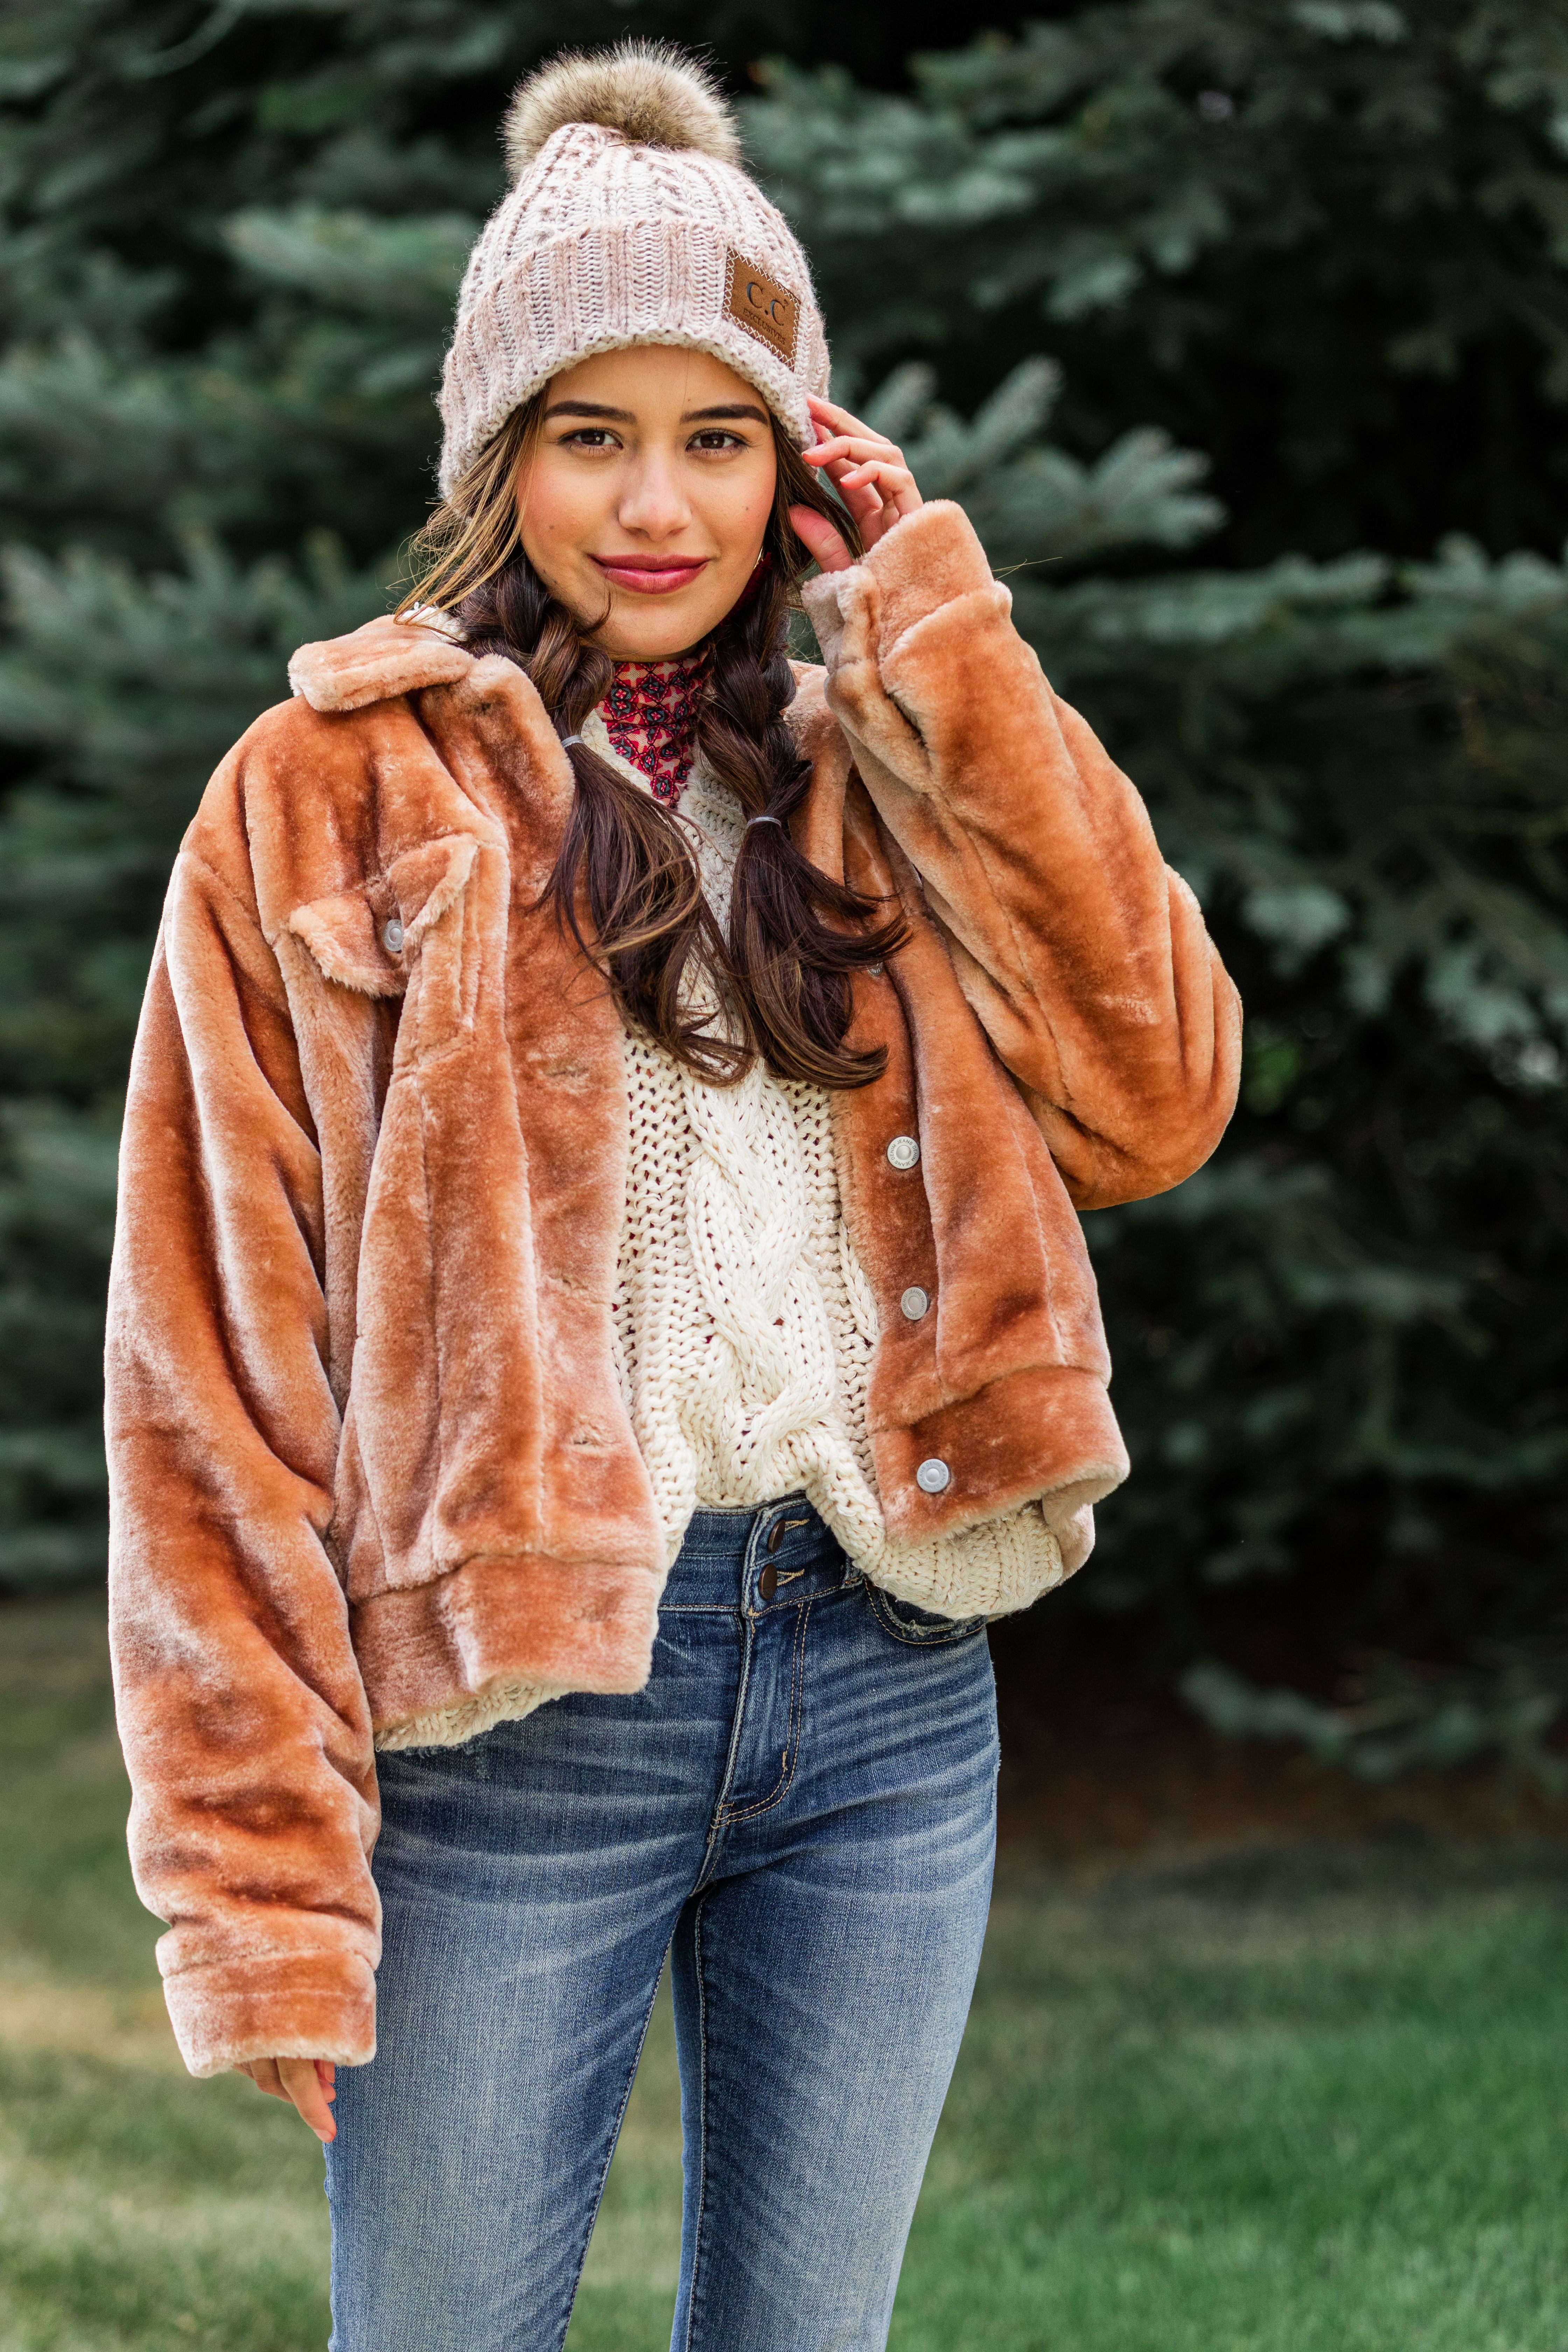 Women S Faux Fur Trucker Jacket Cute Fall And Winter Outerwear Jackets For Women Winter Outerwear Coats Jackets [ 6720 x 4480 Pixel ]